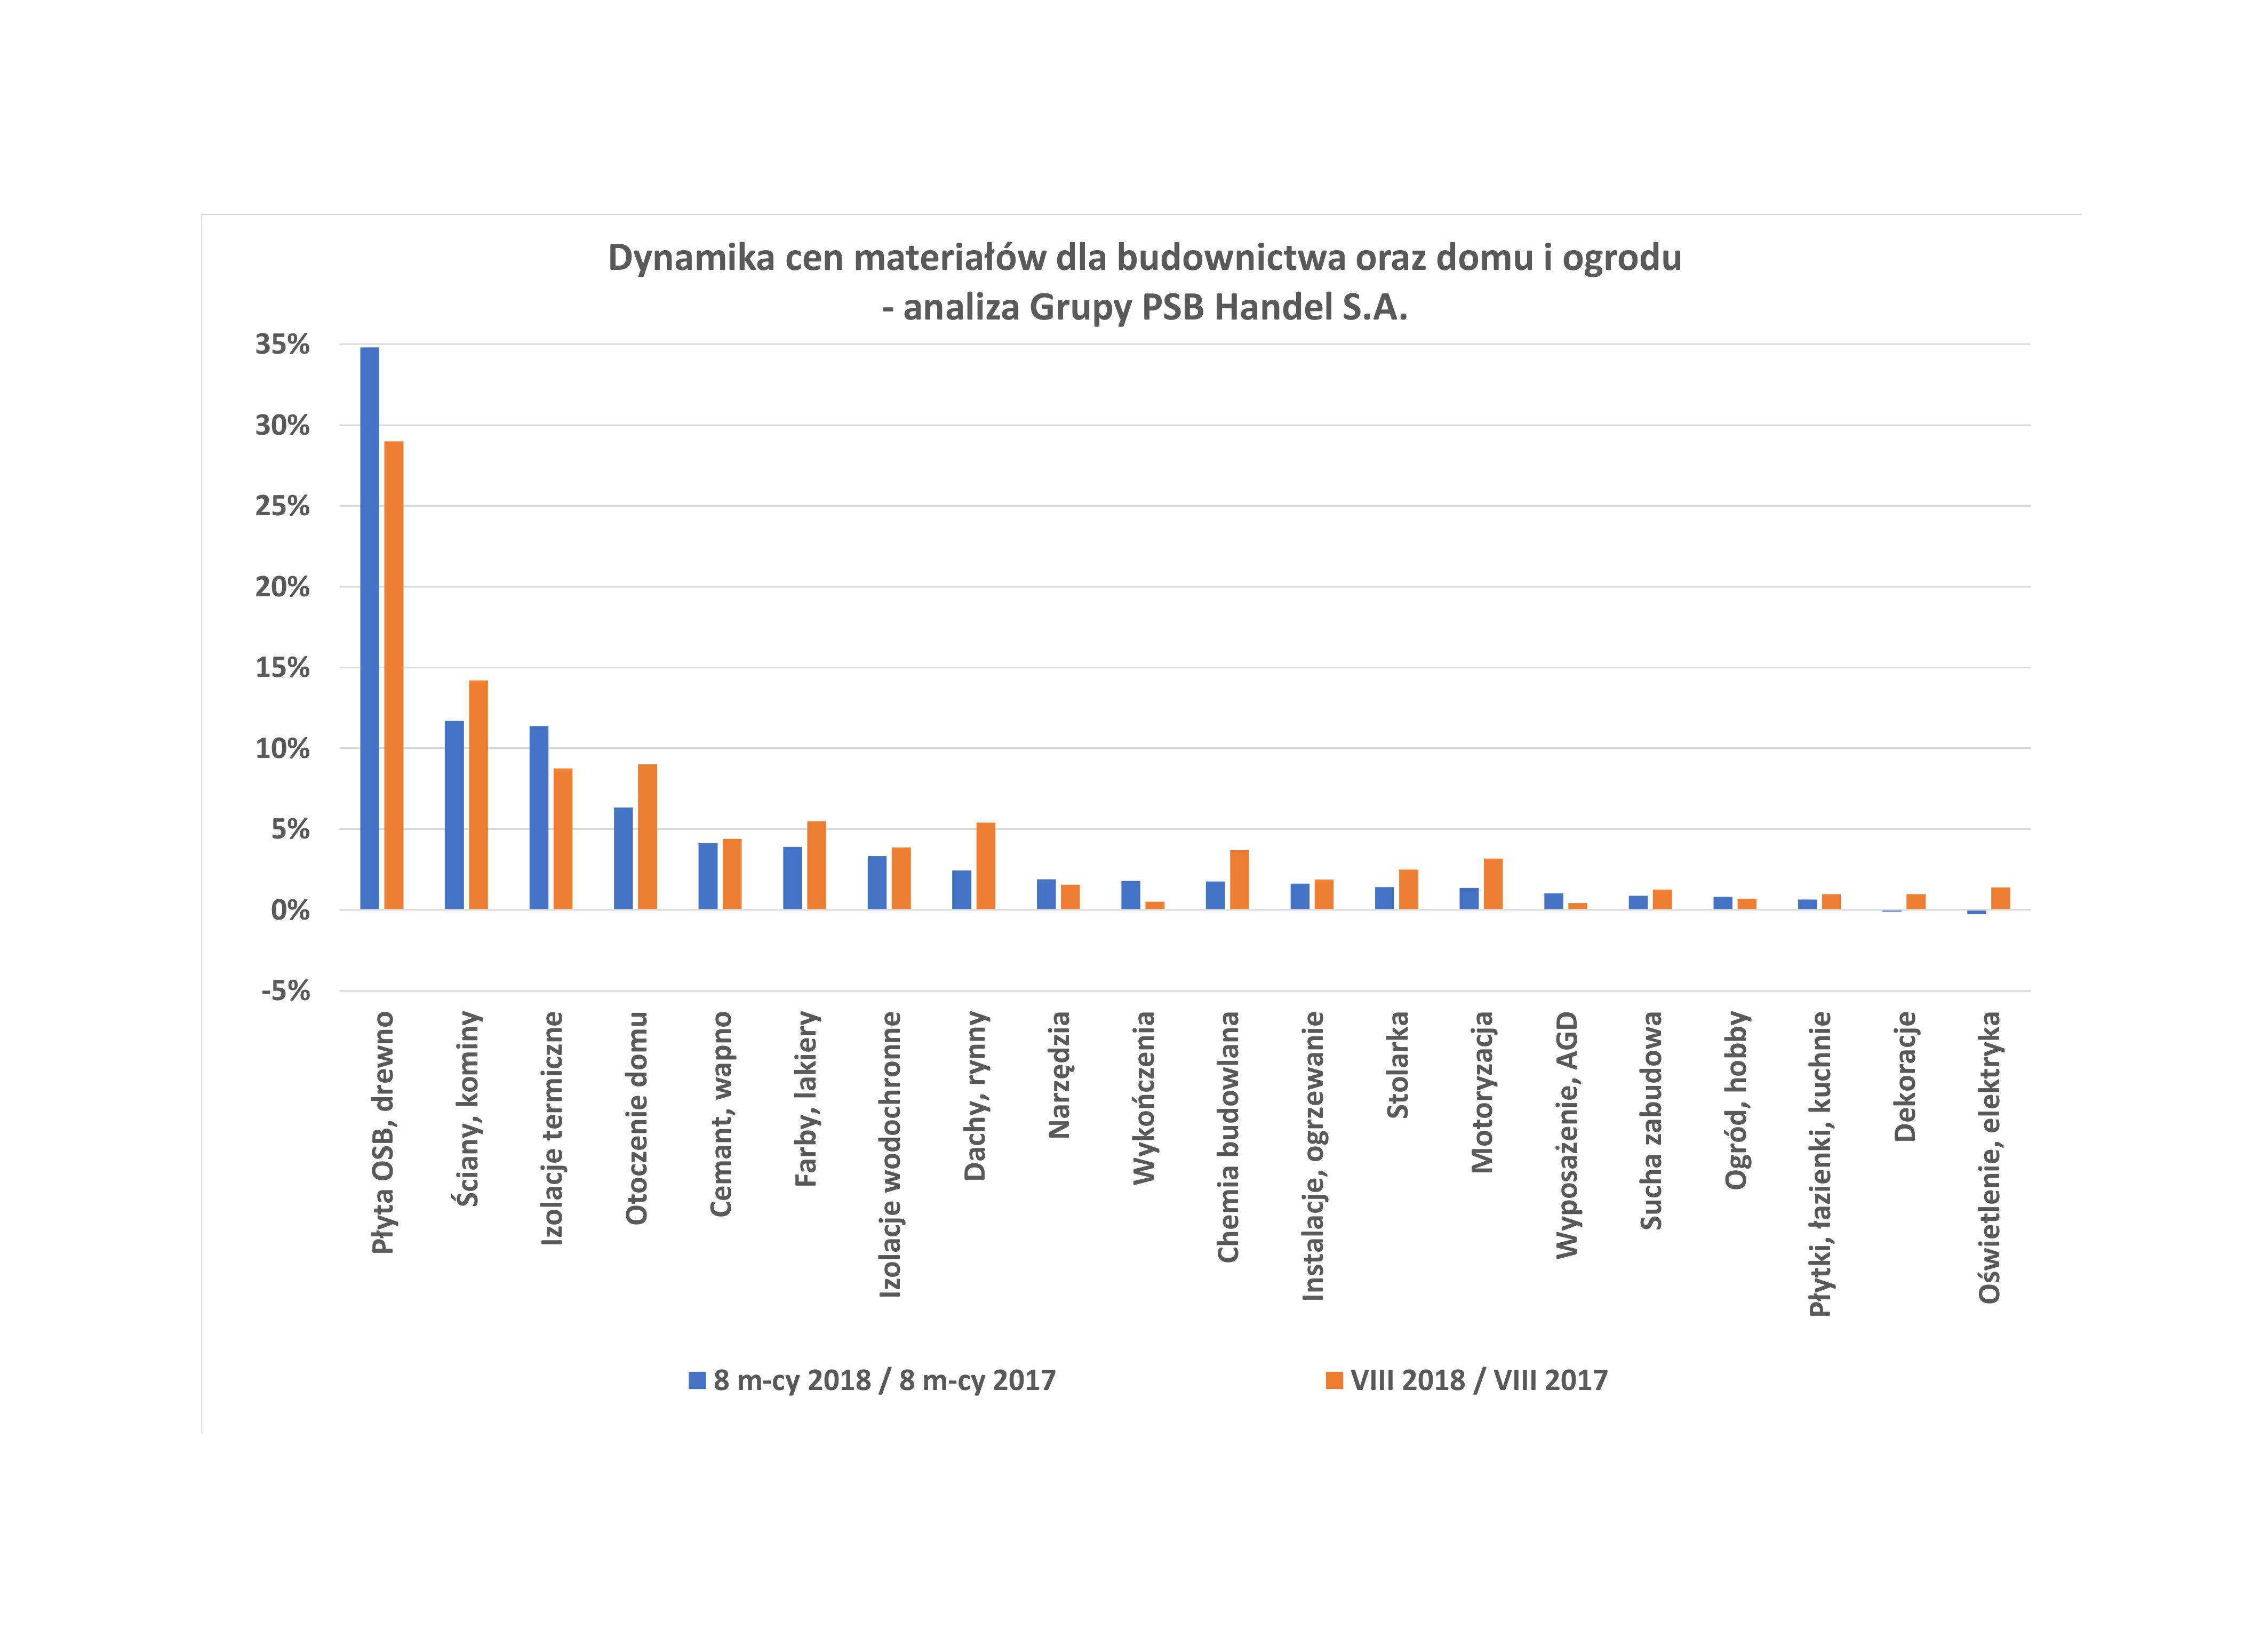 Dynamika cen materiałów dla budownictwa oraz domu i ogrodu - analiza Grupy PSB Handel. Fot. PSB